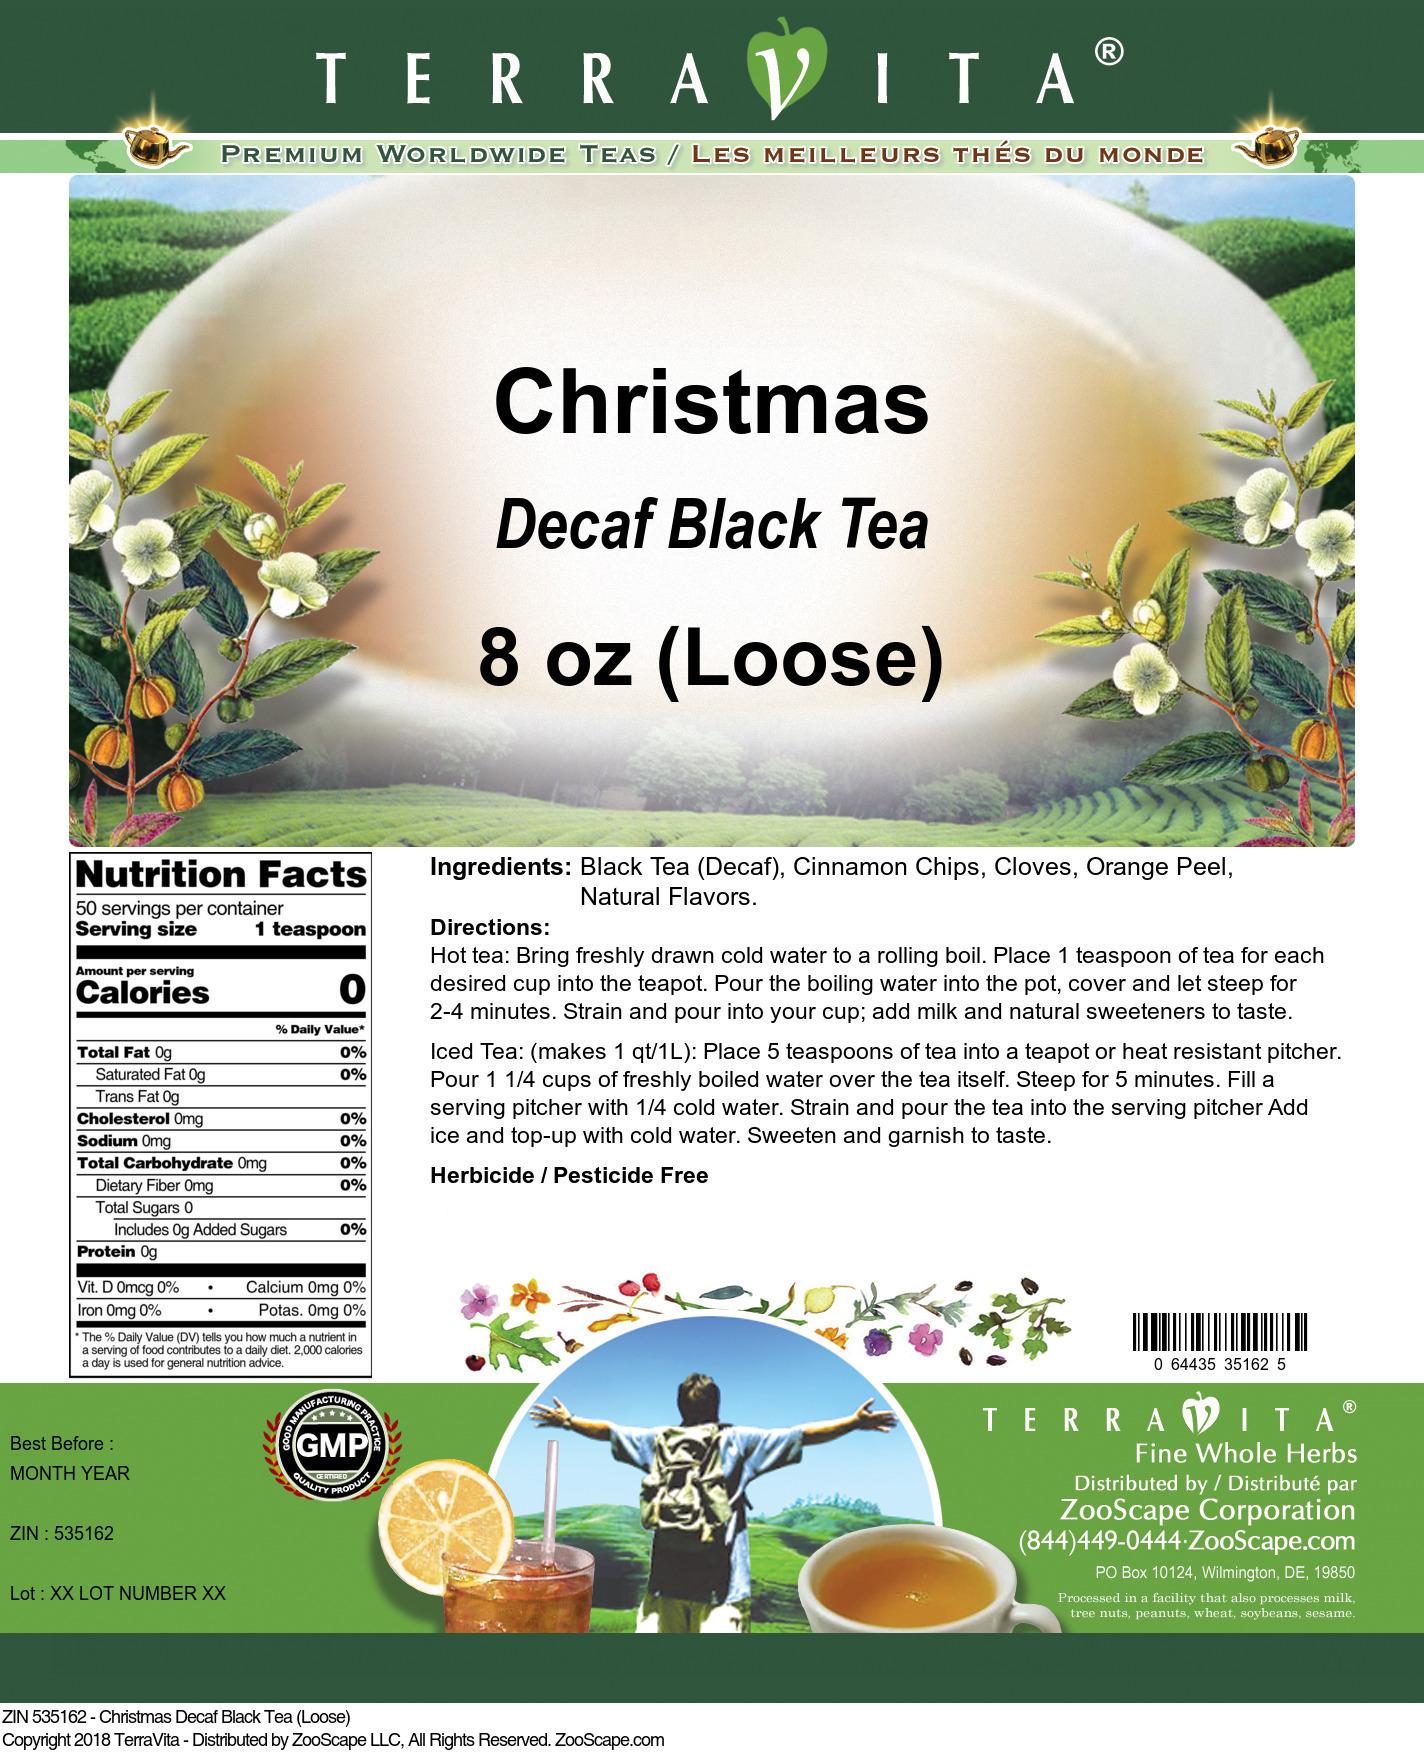 Christmas Decaf Black Tea (Loose)